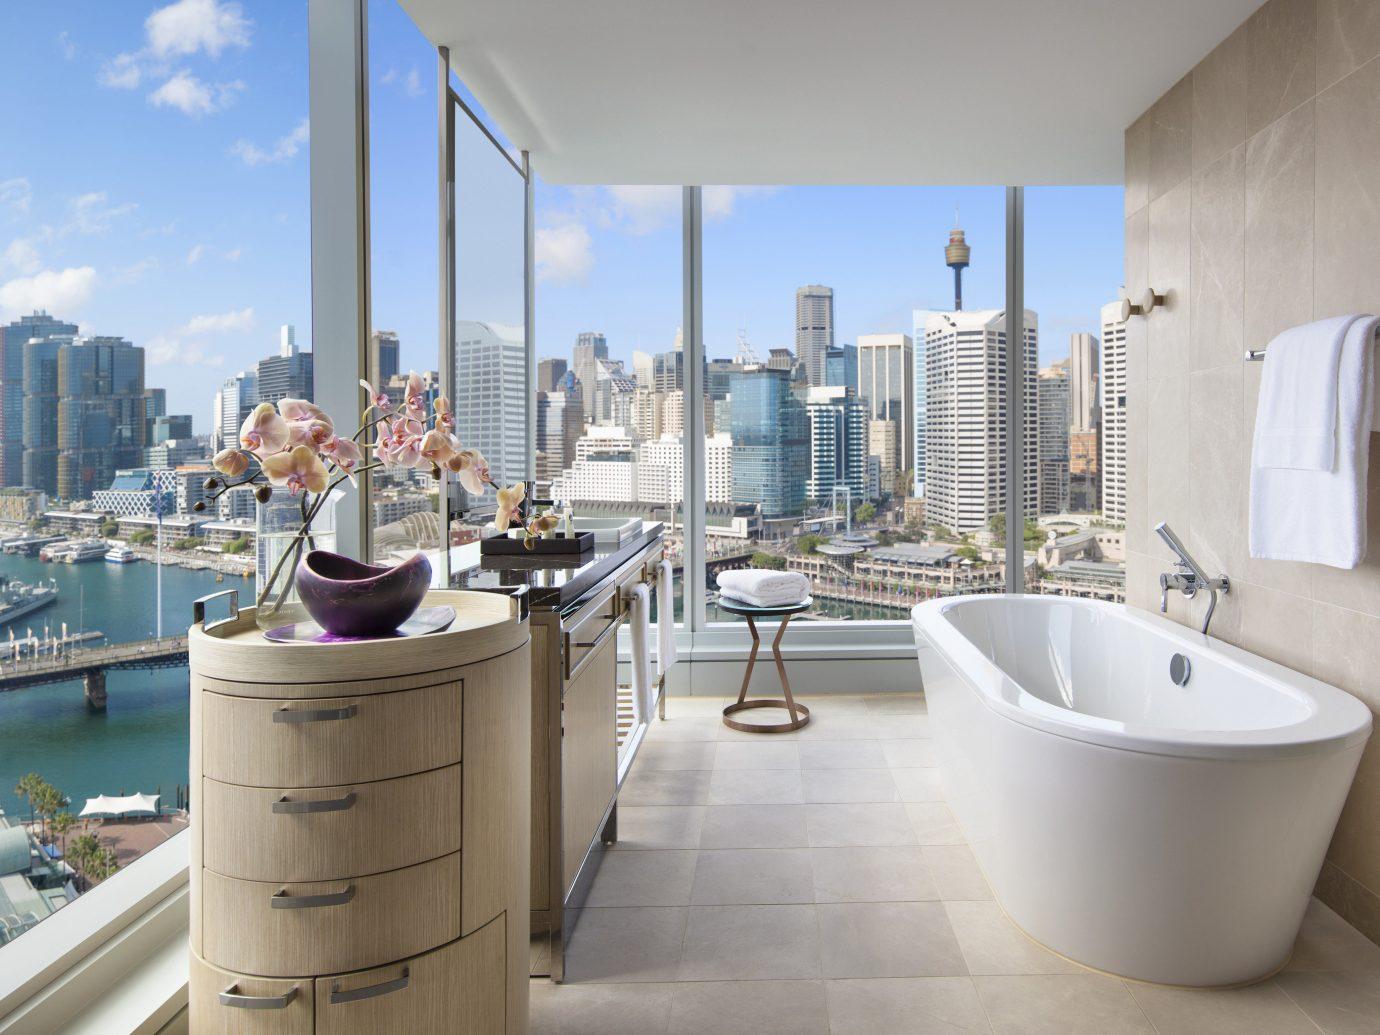 Trip Ideas room bathroom interior design real estate apartment window condominium